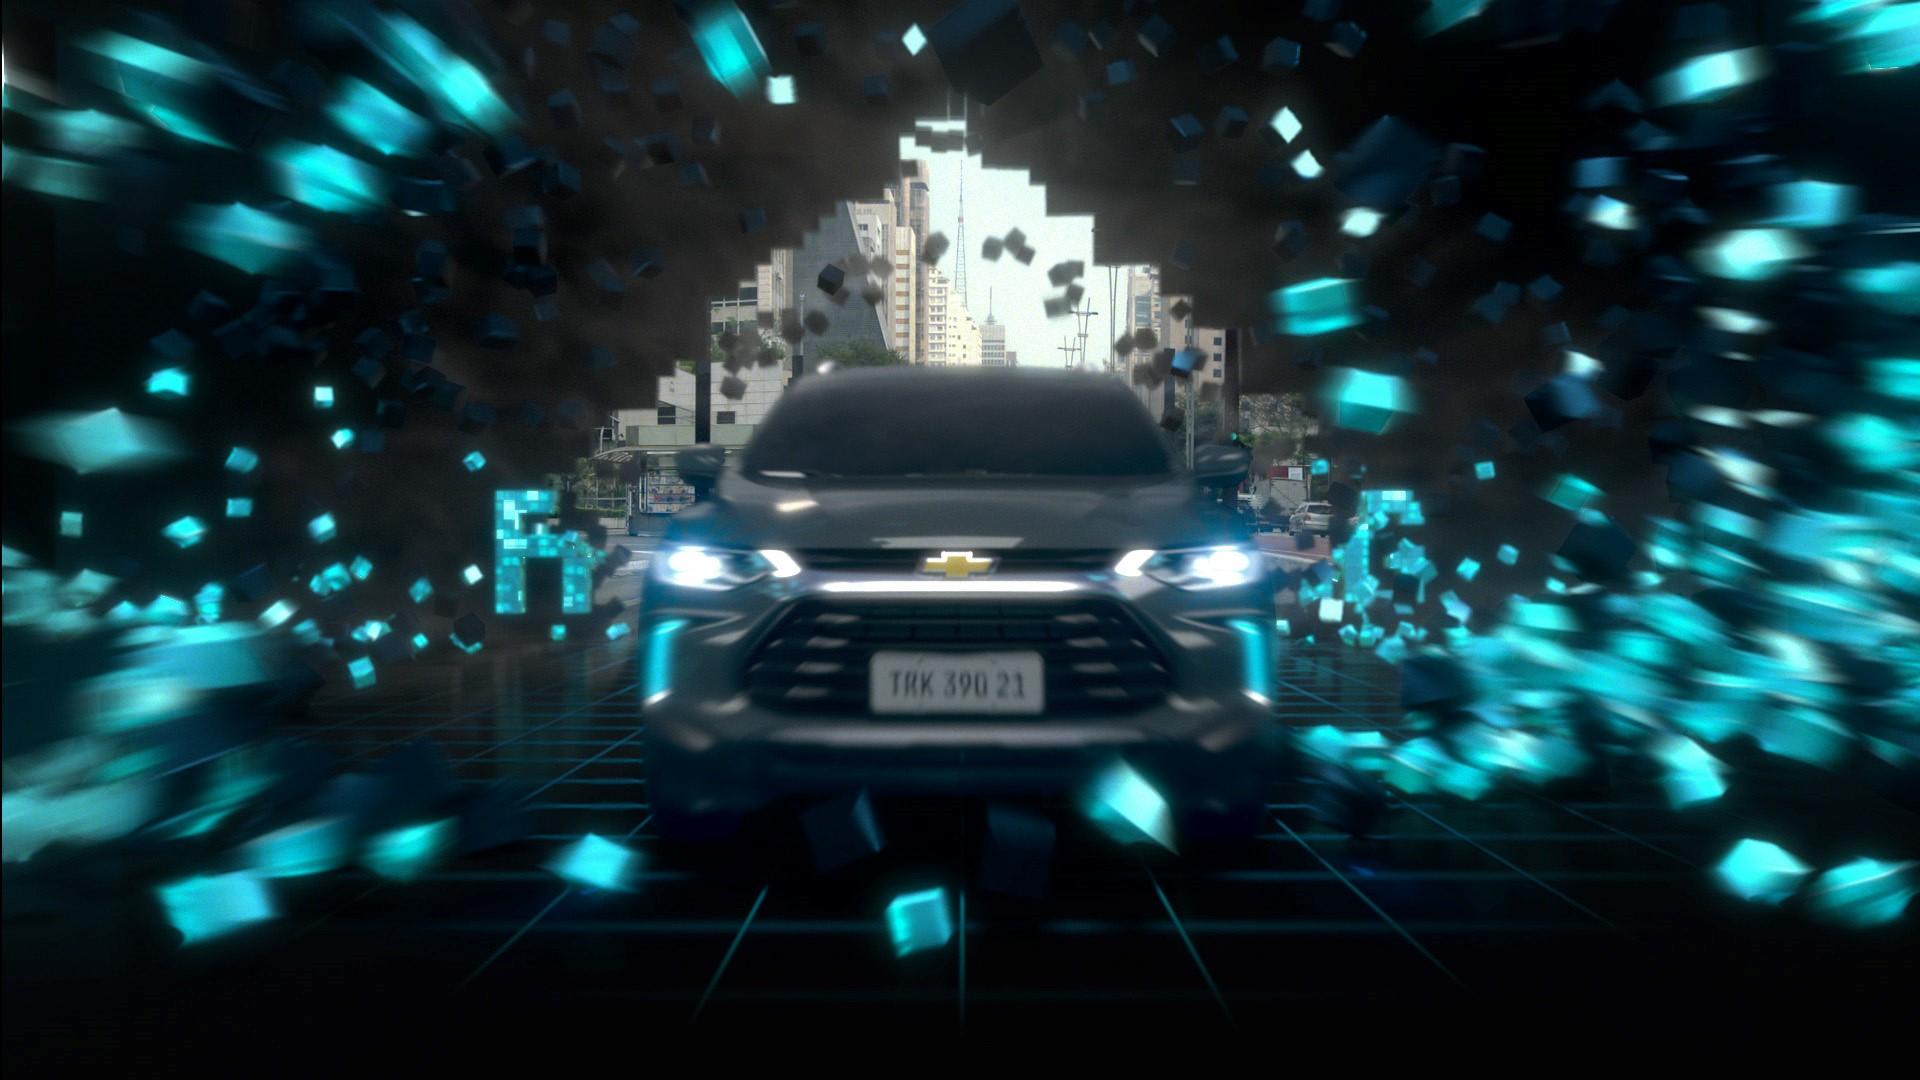 Na imagem, o Novo Chevrolet Tracker aparece como se estivesse saindo de um jogo de vídeo game